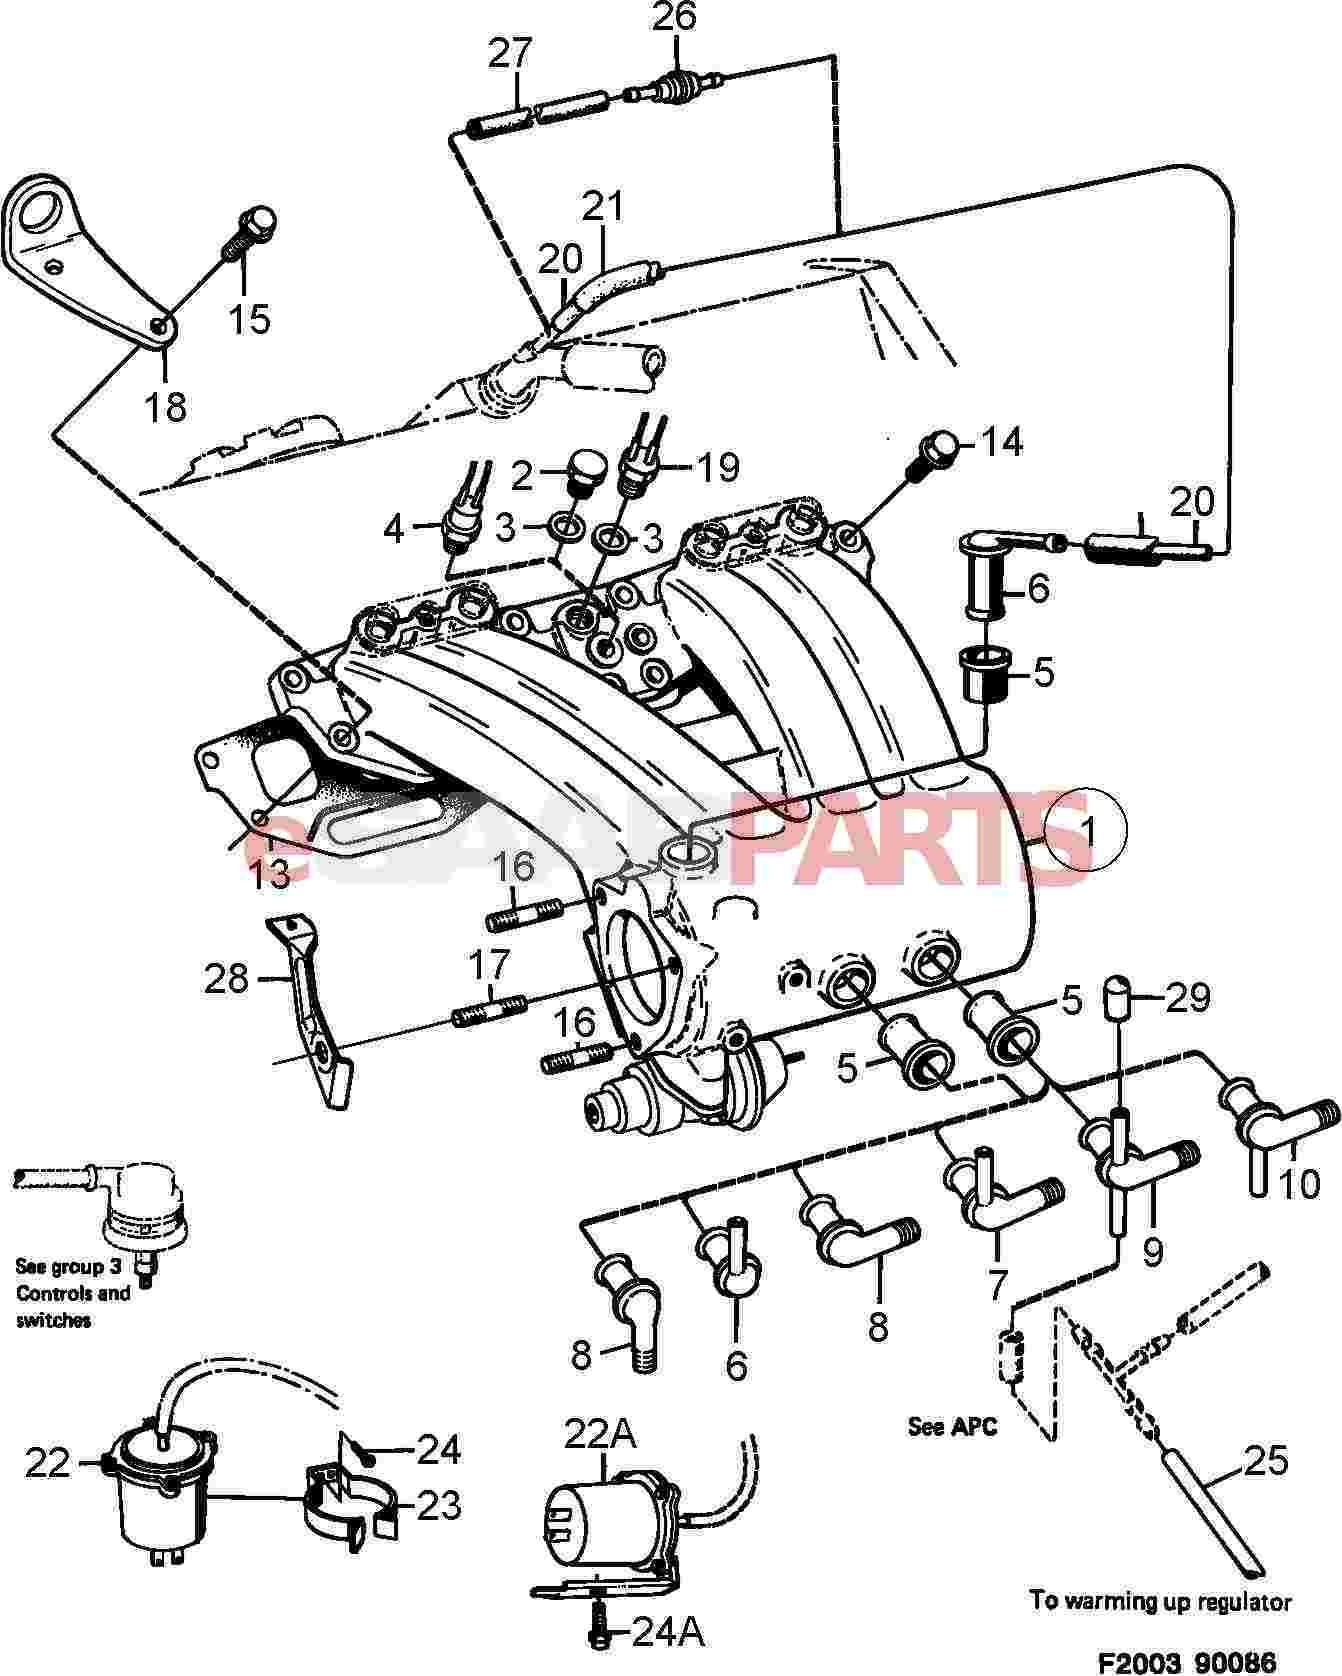 1998 saab 900 wiring diagram